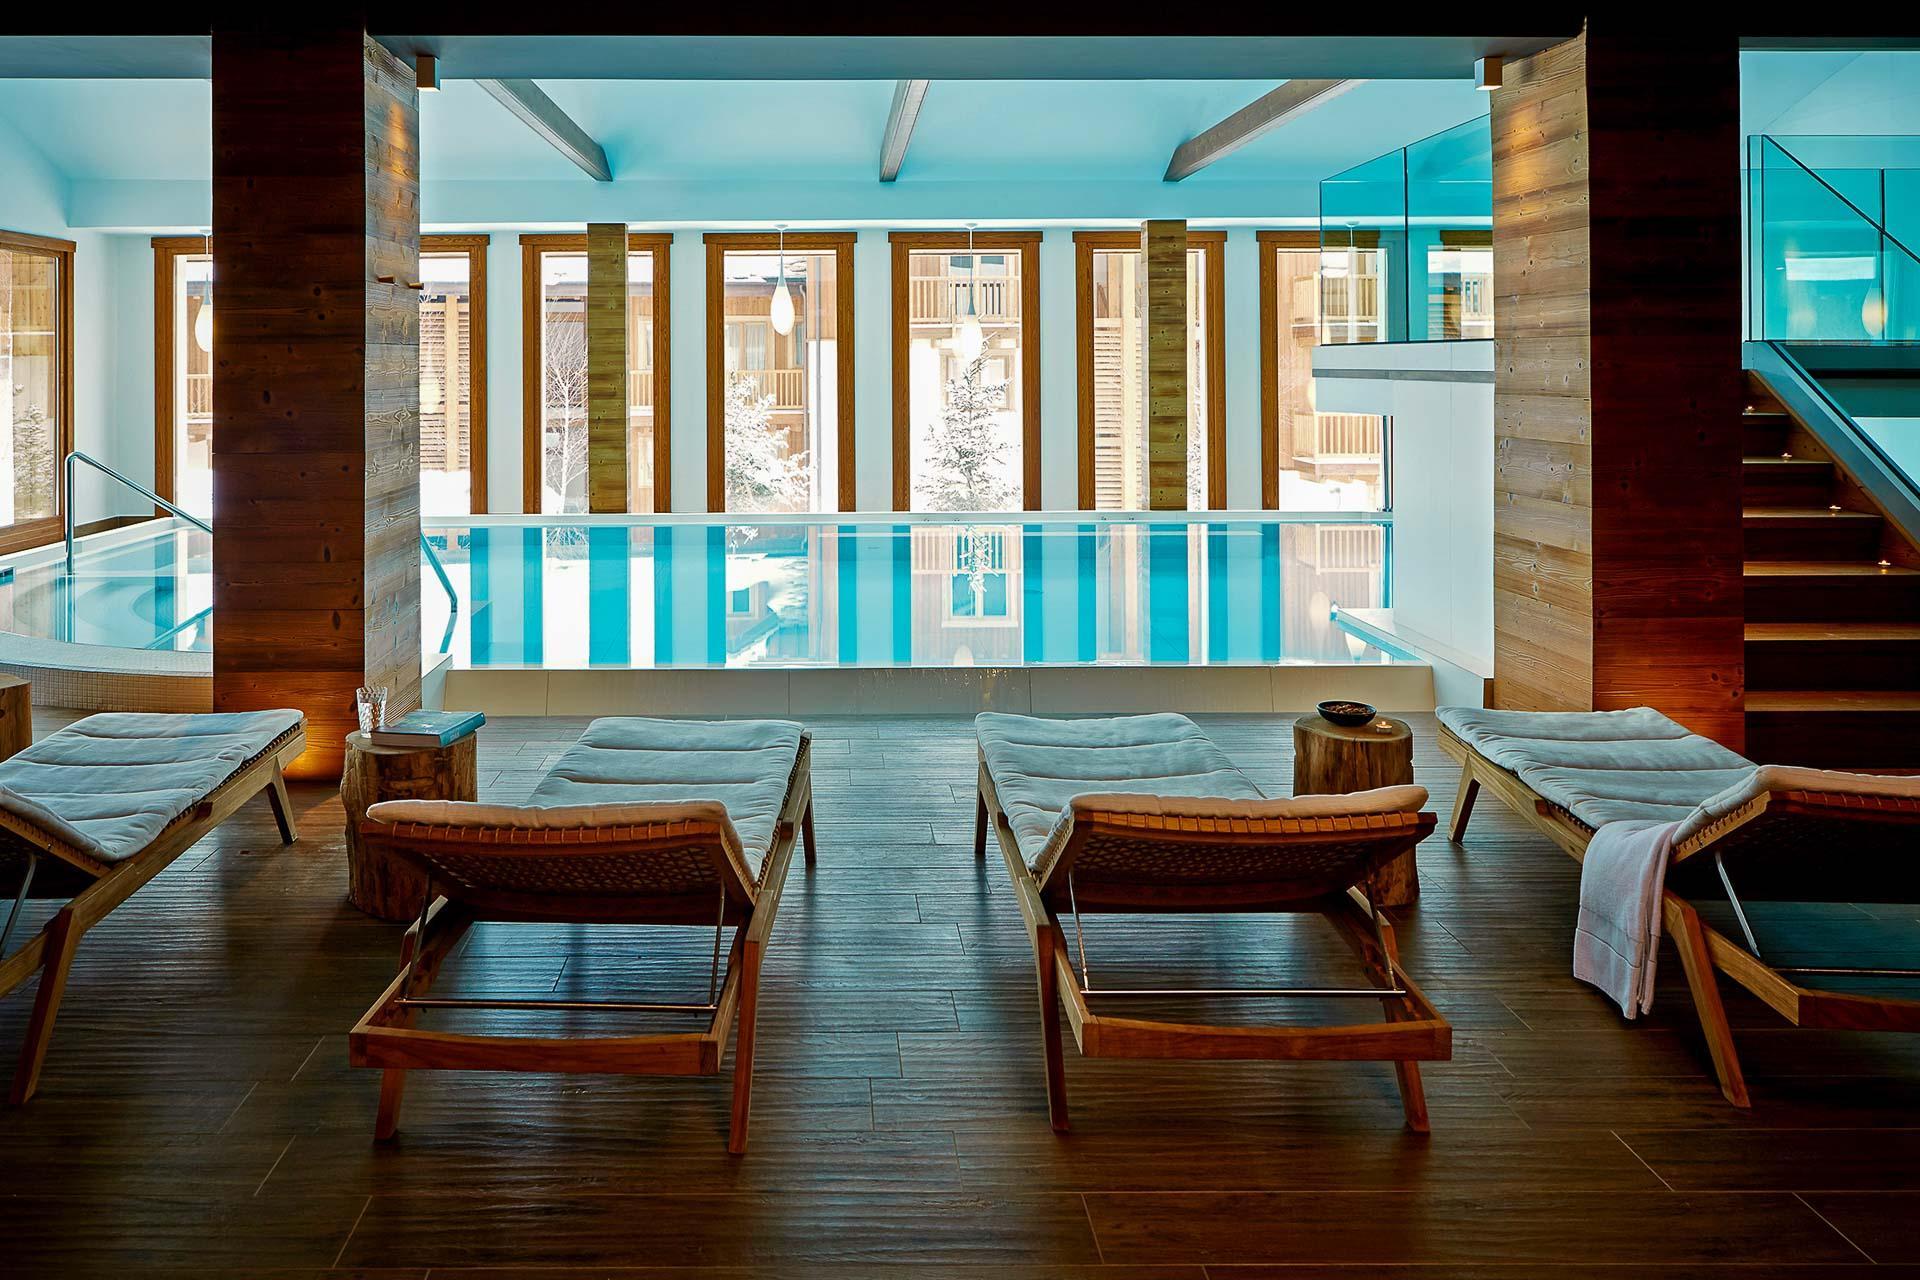 La piscine de l'hôtel Montana Lodge and Spa, membre de Designhotels et seul 5 étoiles de La Thuile. © Montana Hotel